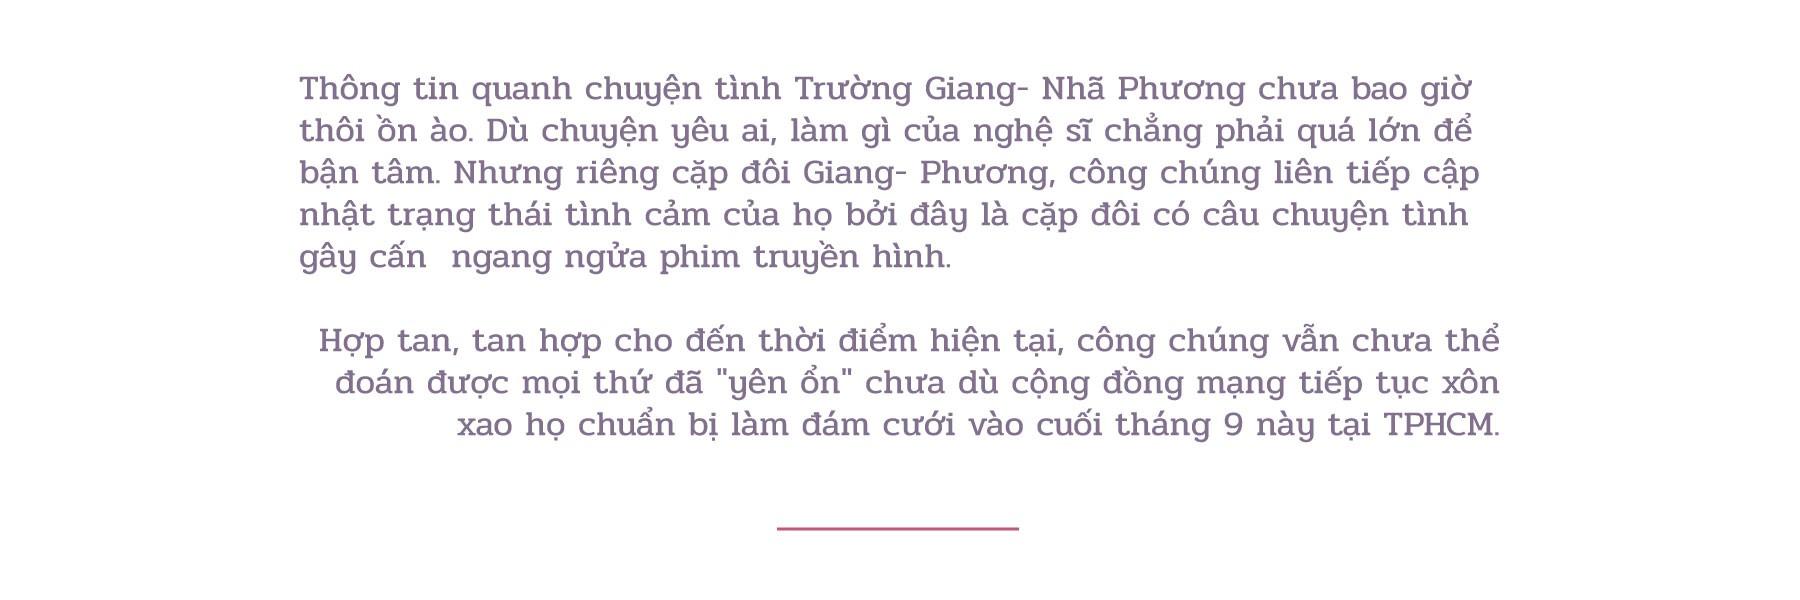 (eMagazine): Trường Giang - Nhã Phương viết lên câu chuyện tình - Ảnh 1.